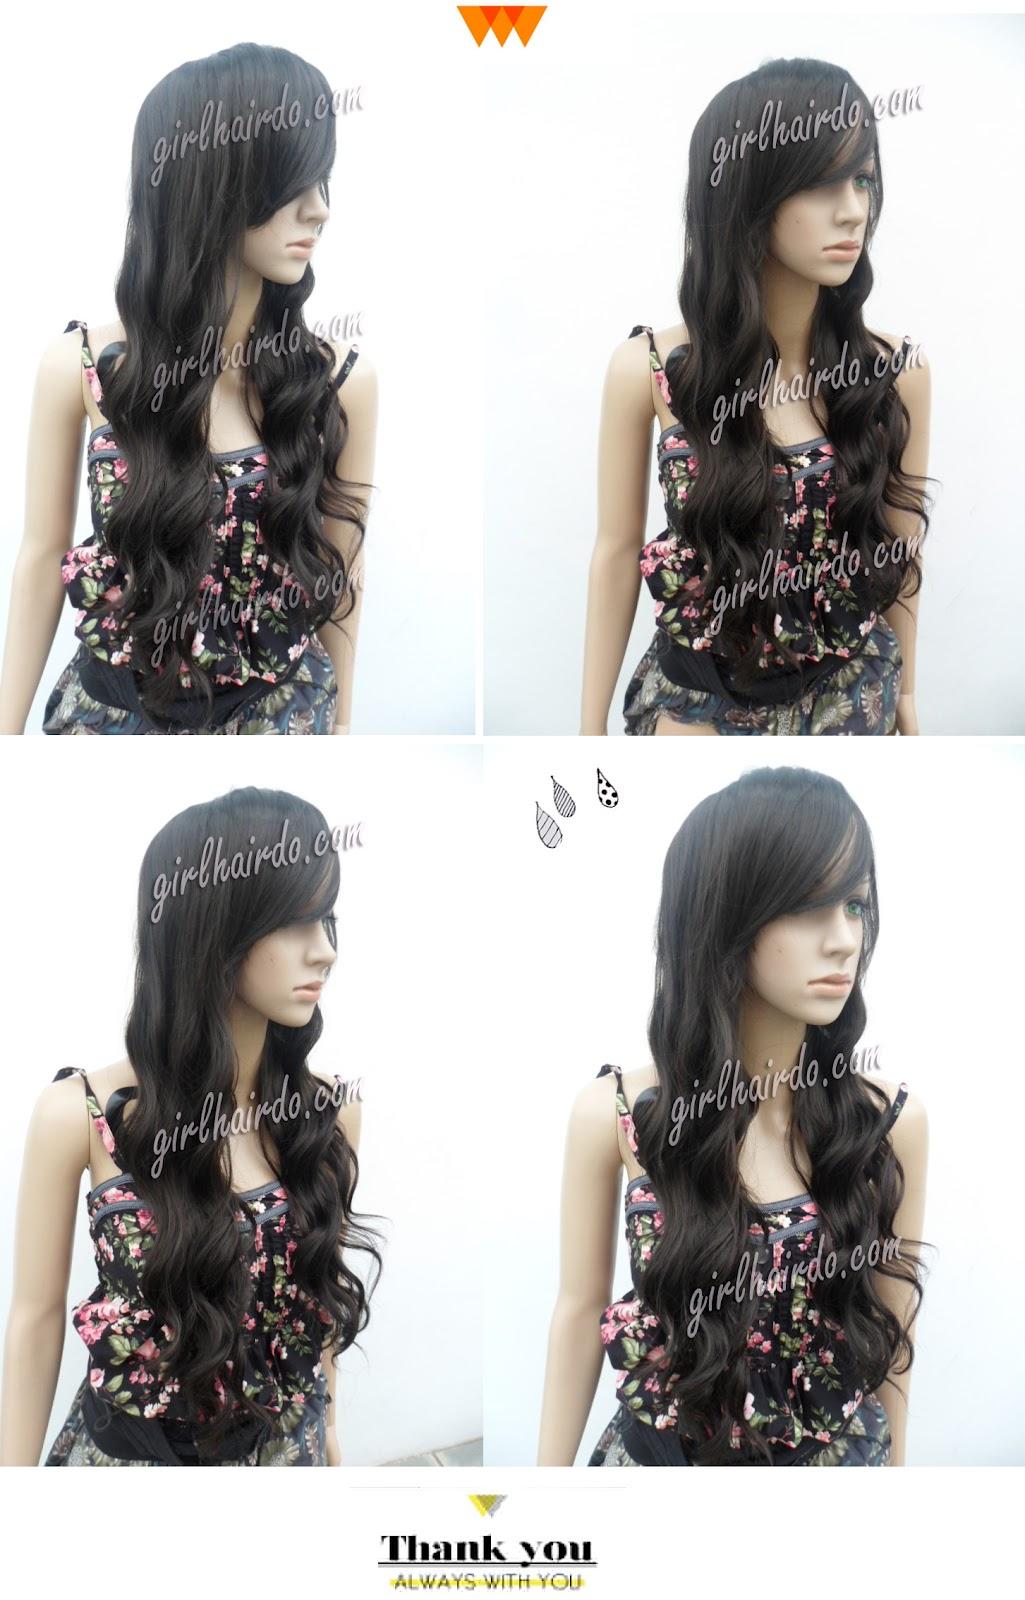 http://1.bp.blogspot.com/-IlU_acvvKOU/T9ehYqOiJjI/AAAAAAAAIg4/mlPzHxCp74o/s1600/SAM_5449.JPG